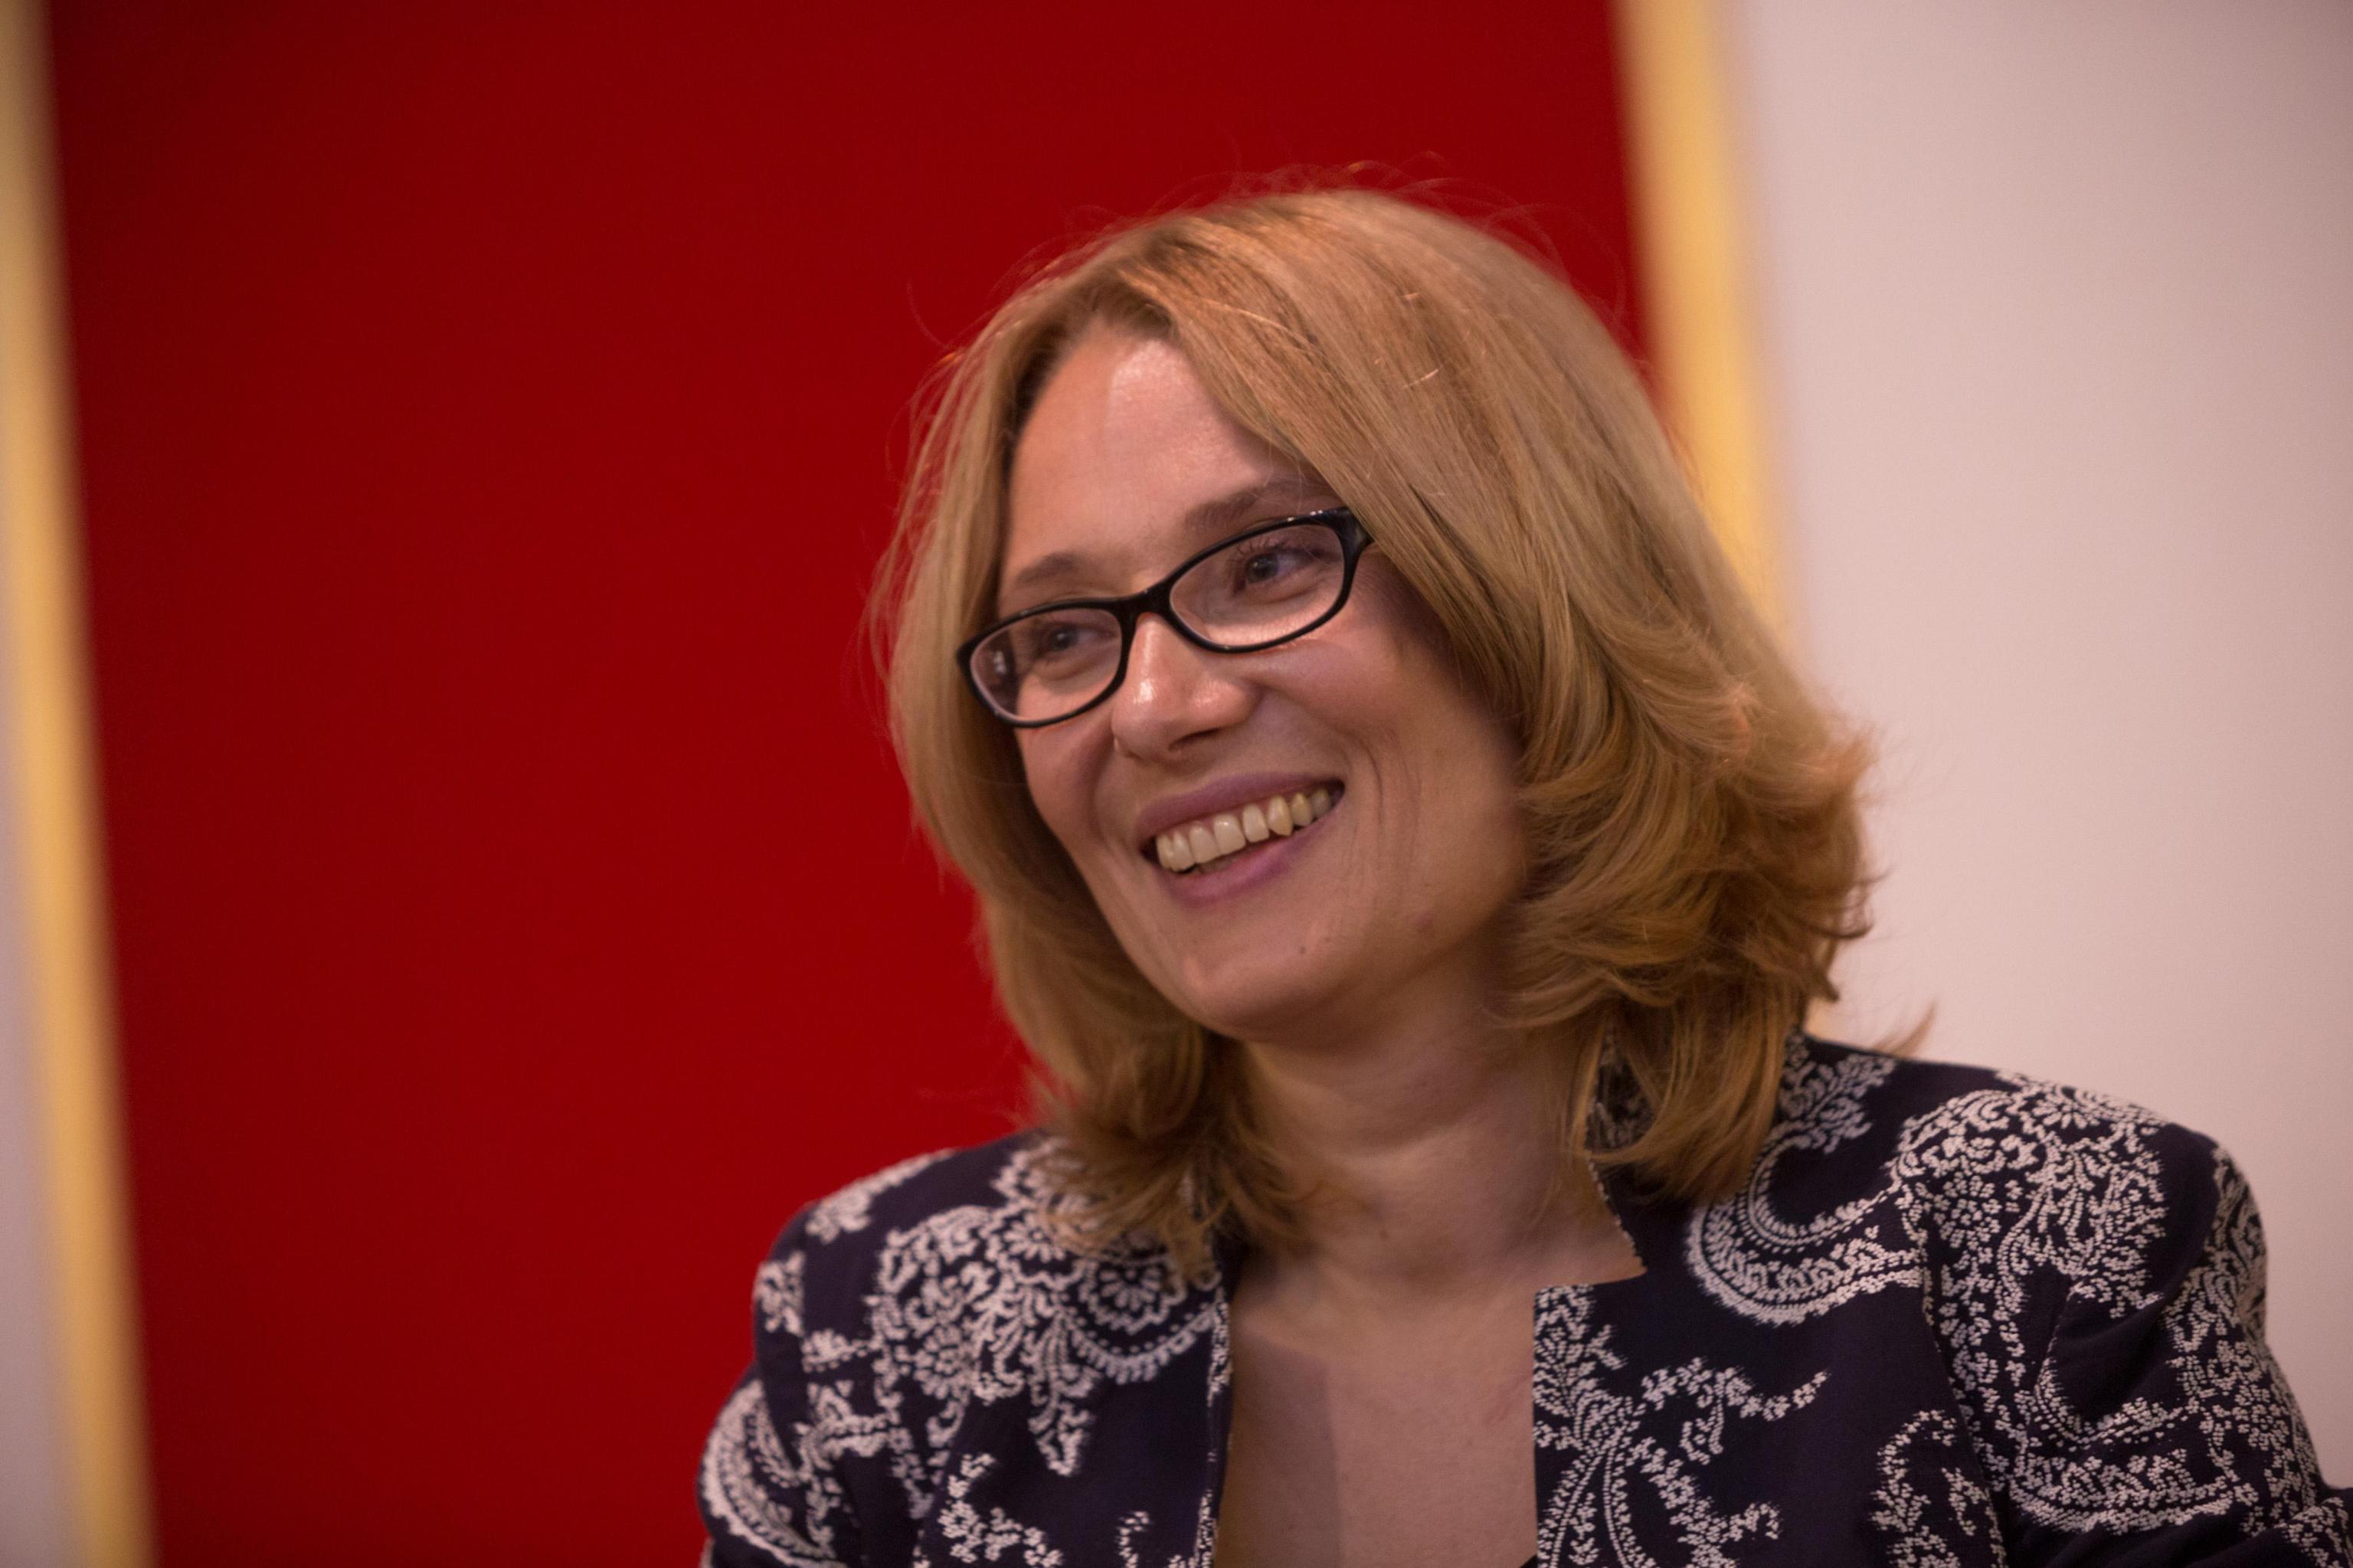 Nicoletta Mantovani ricorda Luciano Pavarotti: 'Mia figlia Alice gli somiglia tanto'